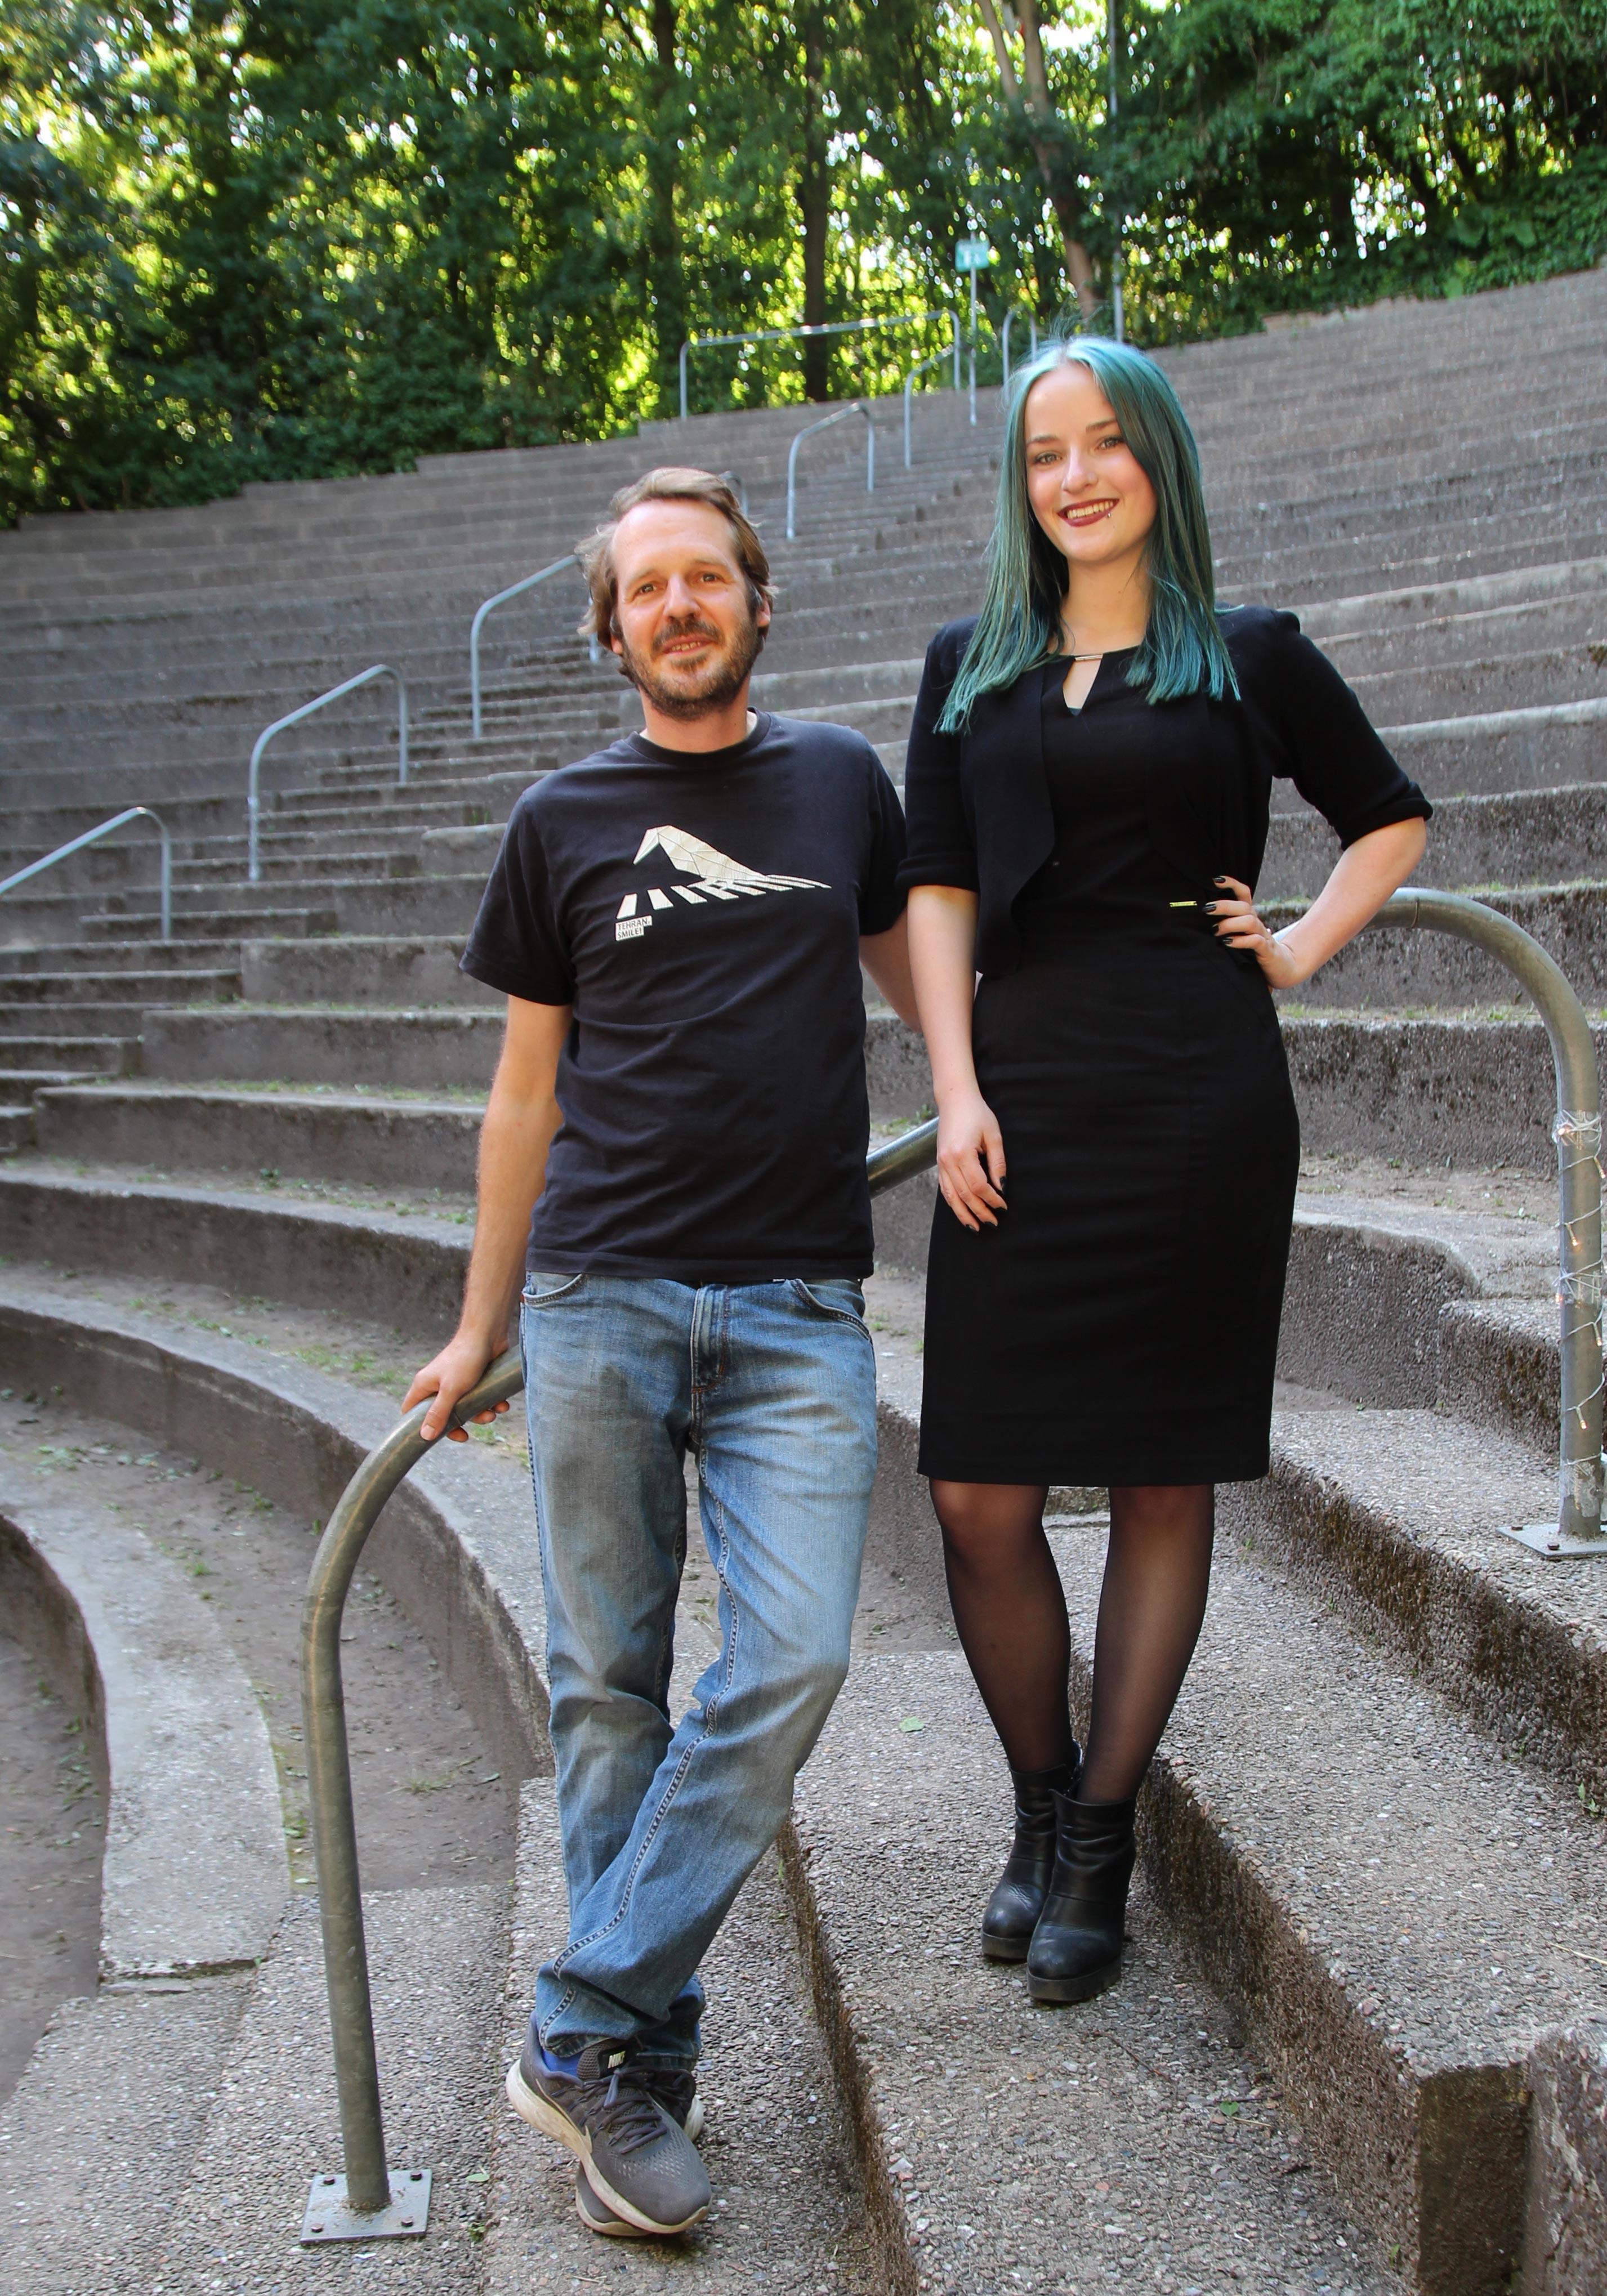 Gisbert zu Knyphausen im KIELerleben-Interview